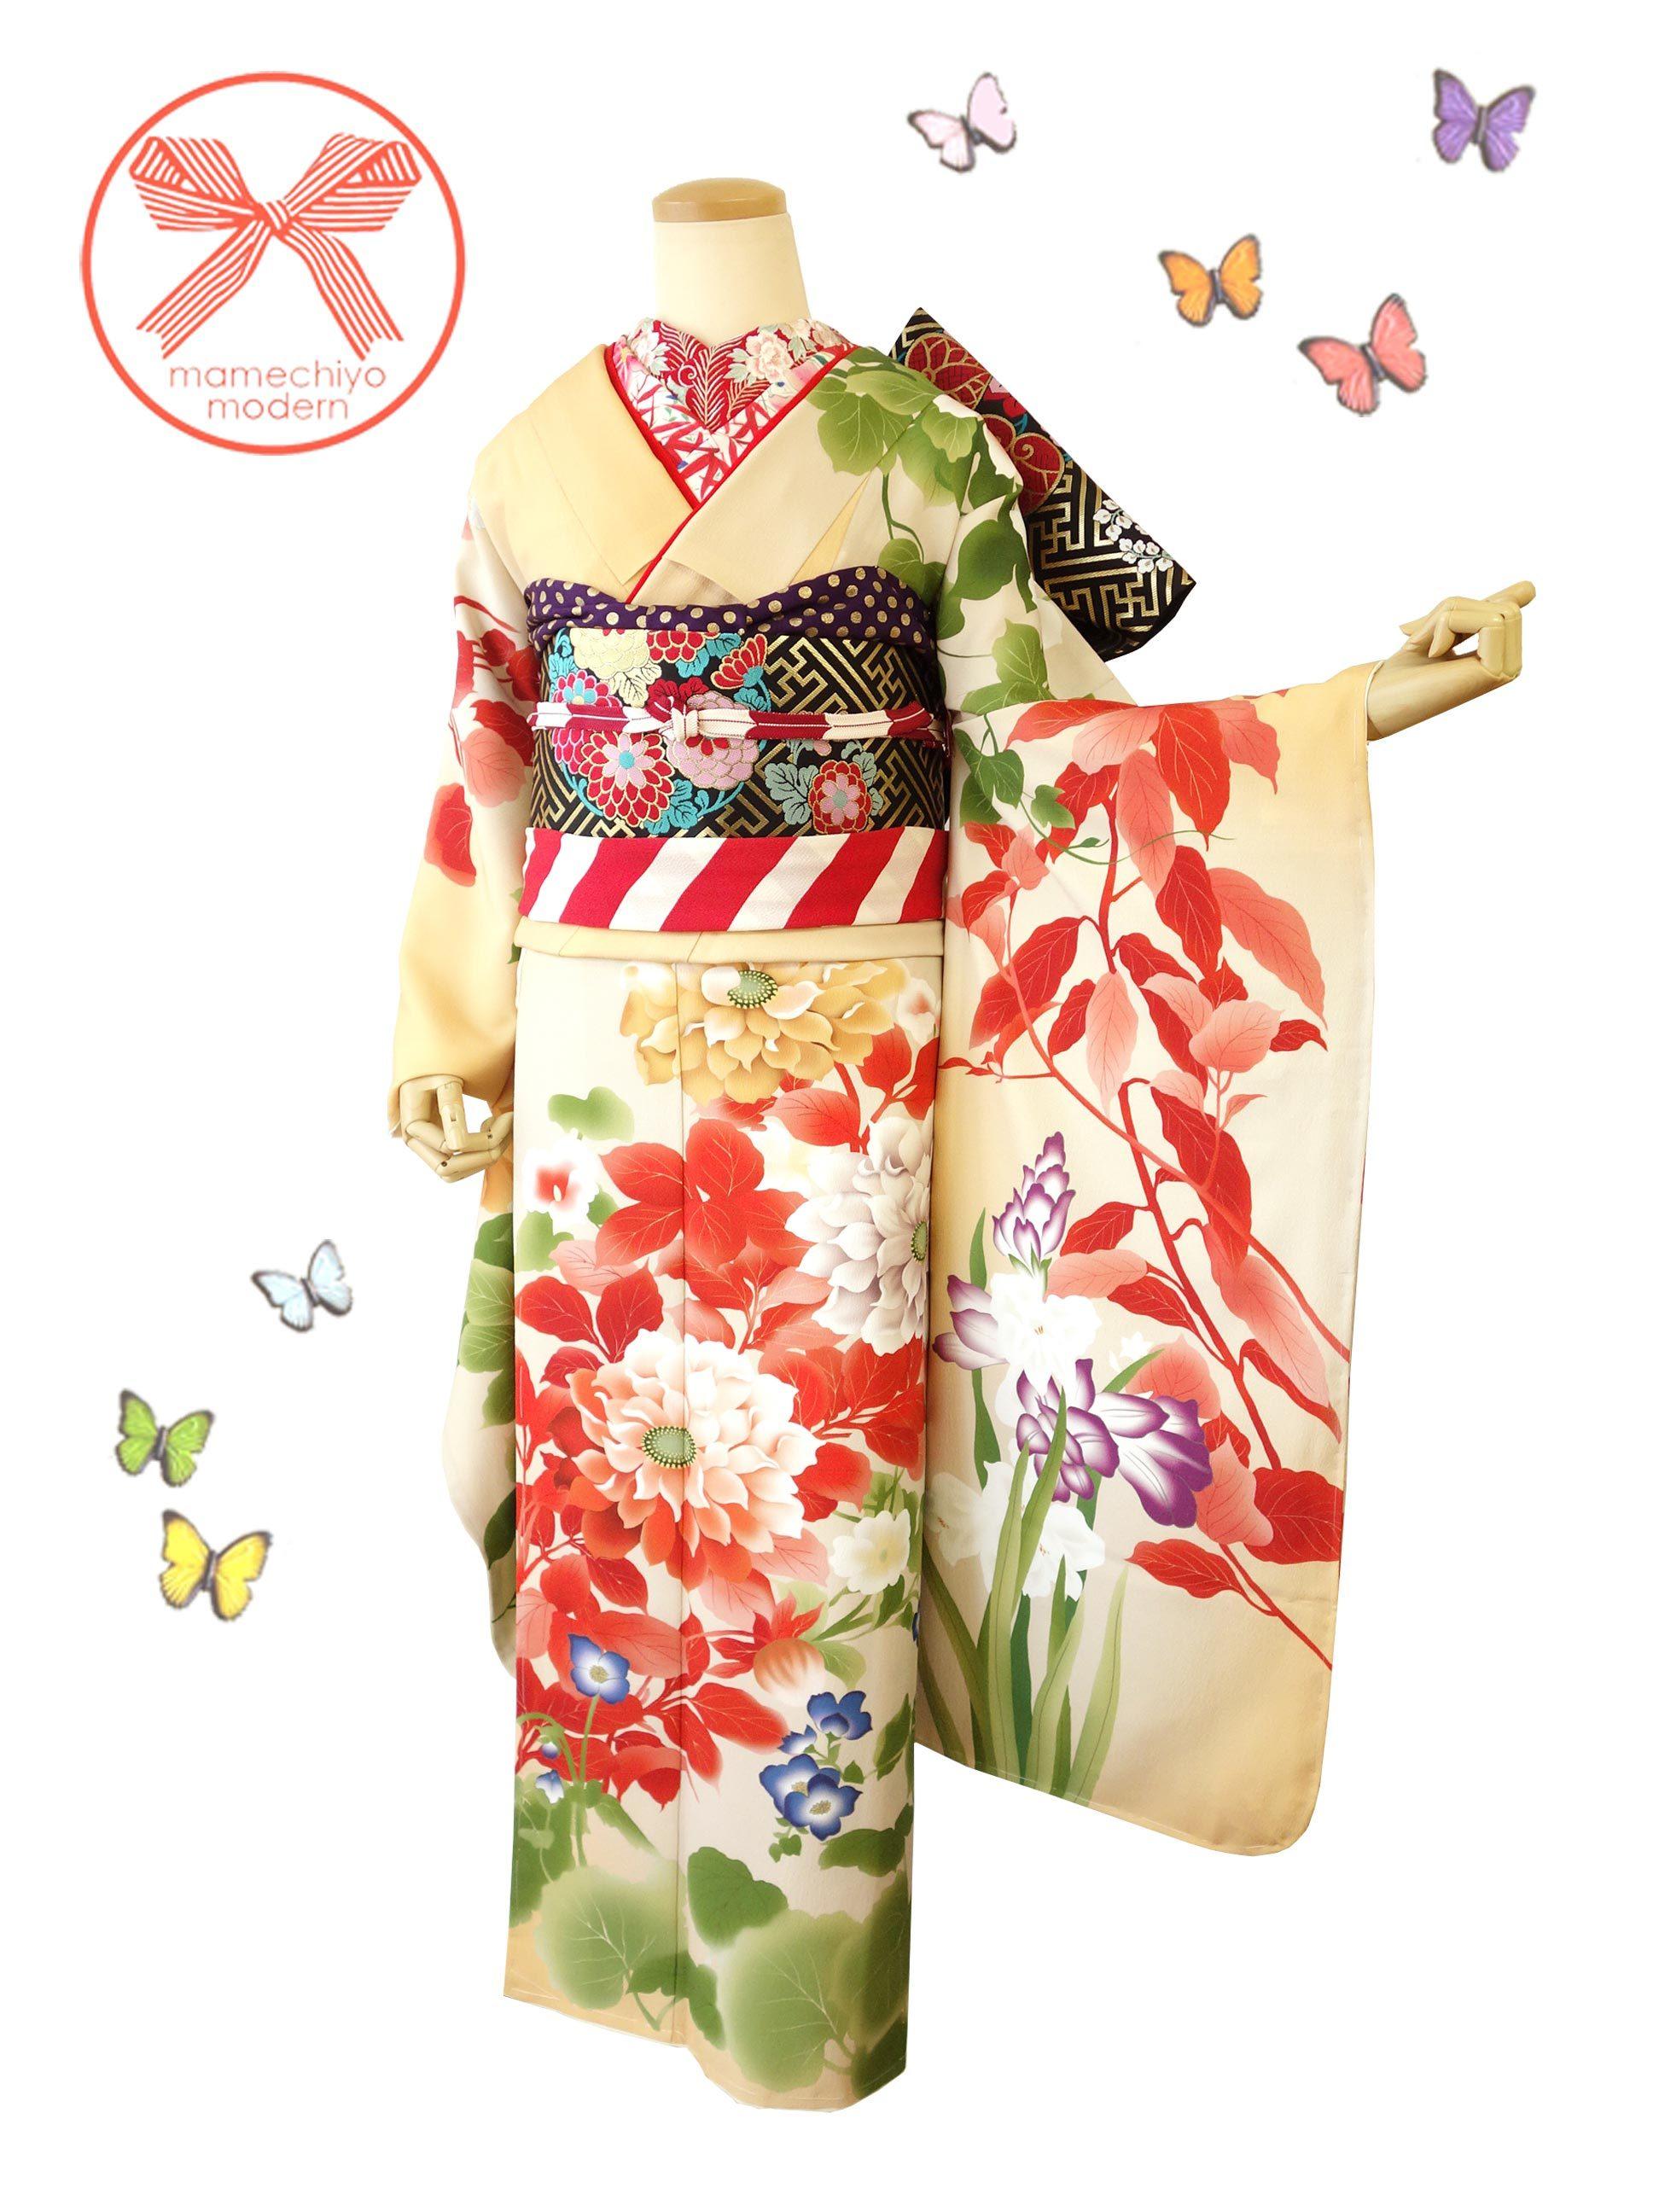 新作絵羽振袖「kotoho-ことほ-」お披露目&受注会♪_e0167832_17330488.jpg